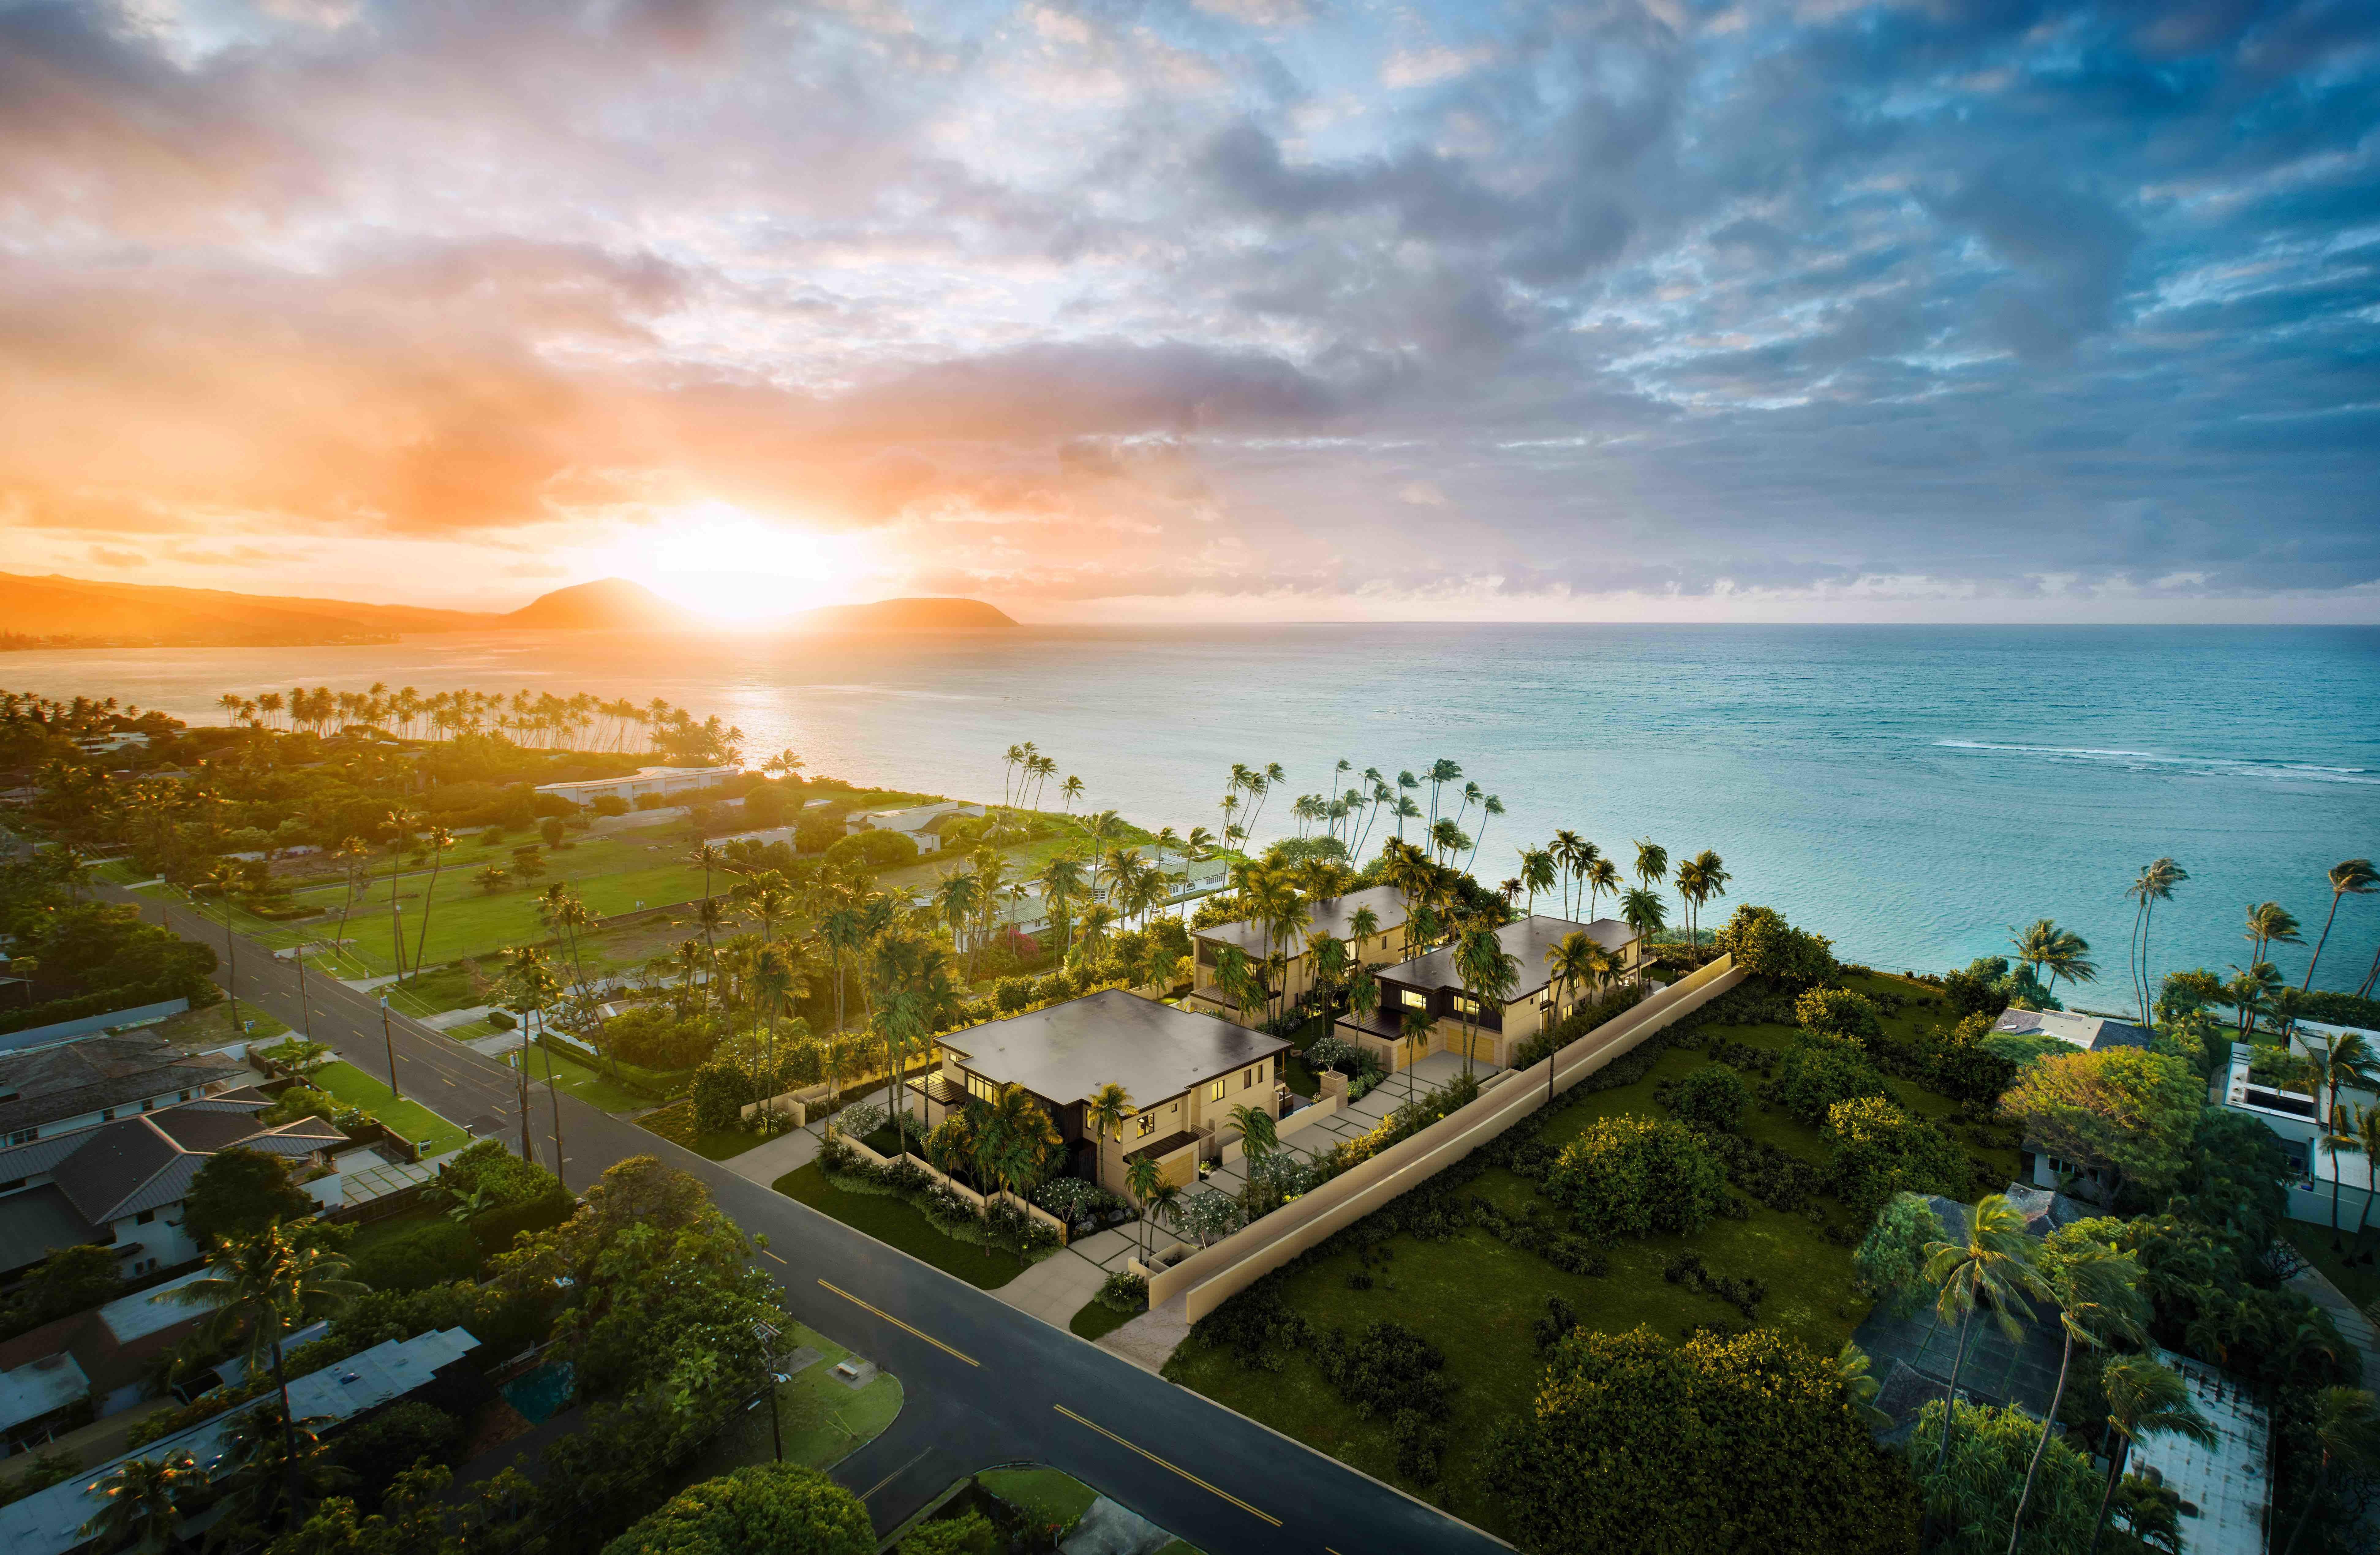 ハワイに最高級プライベートコンドミニアム誕生 kahala by the sea